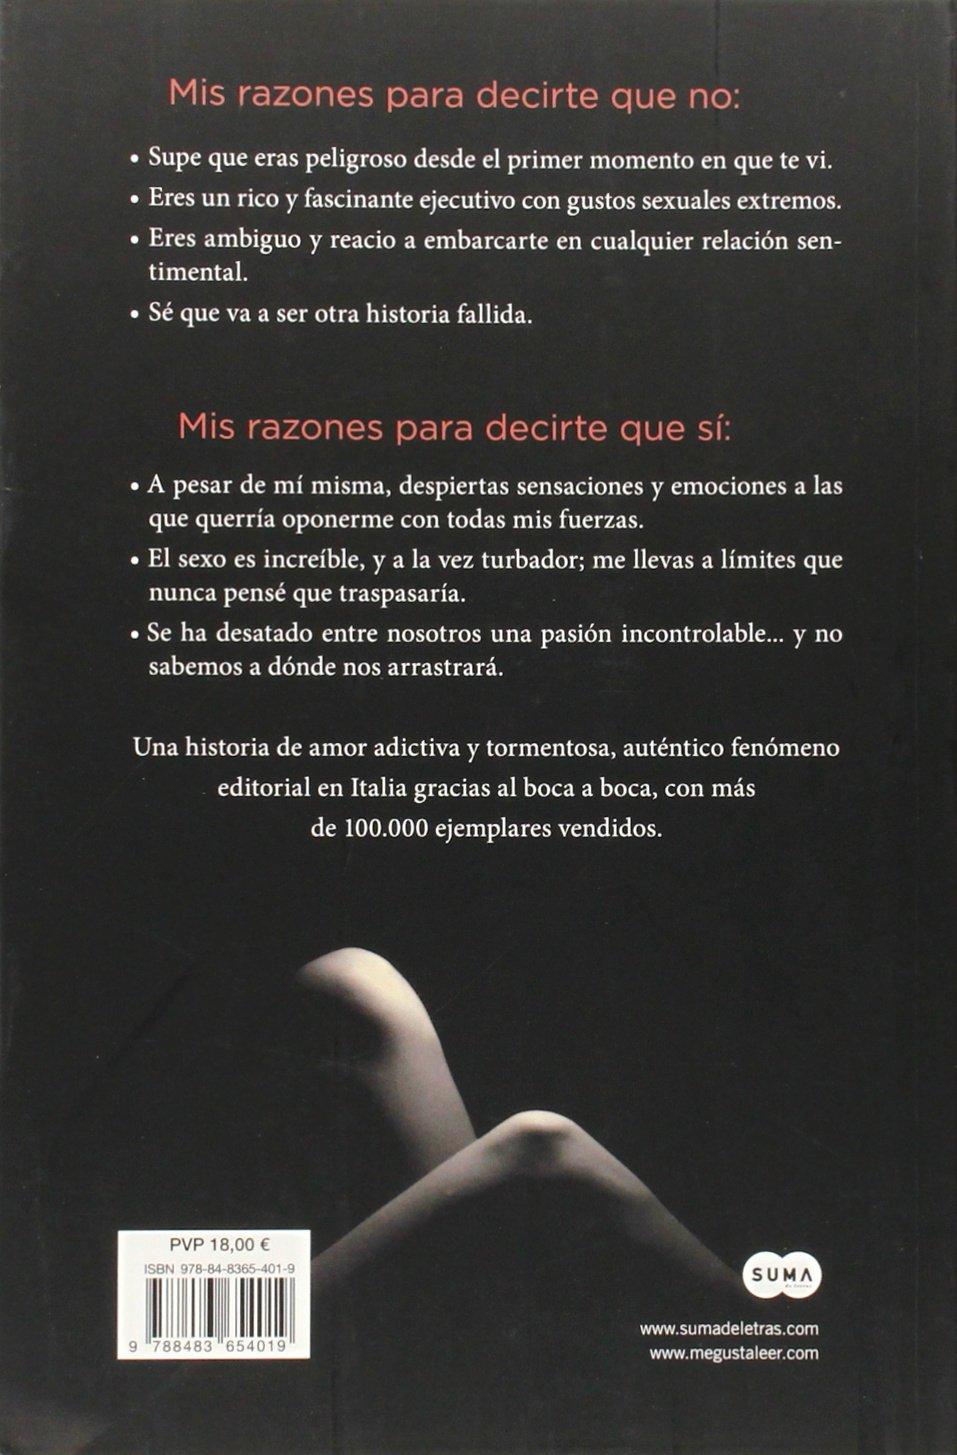 Tantas Razones Para Decirte Que No (FUERA DE COLECCION SUMA.): Sara Tessa, Patricia Orts García;: Amazon.es: Alimentación y bebidas